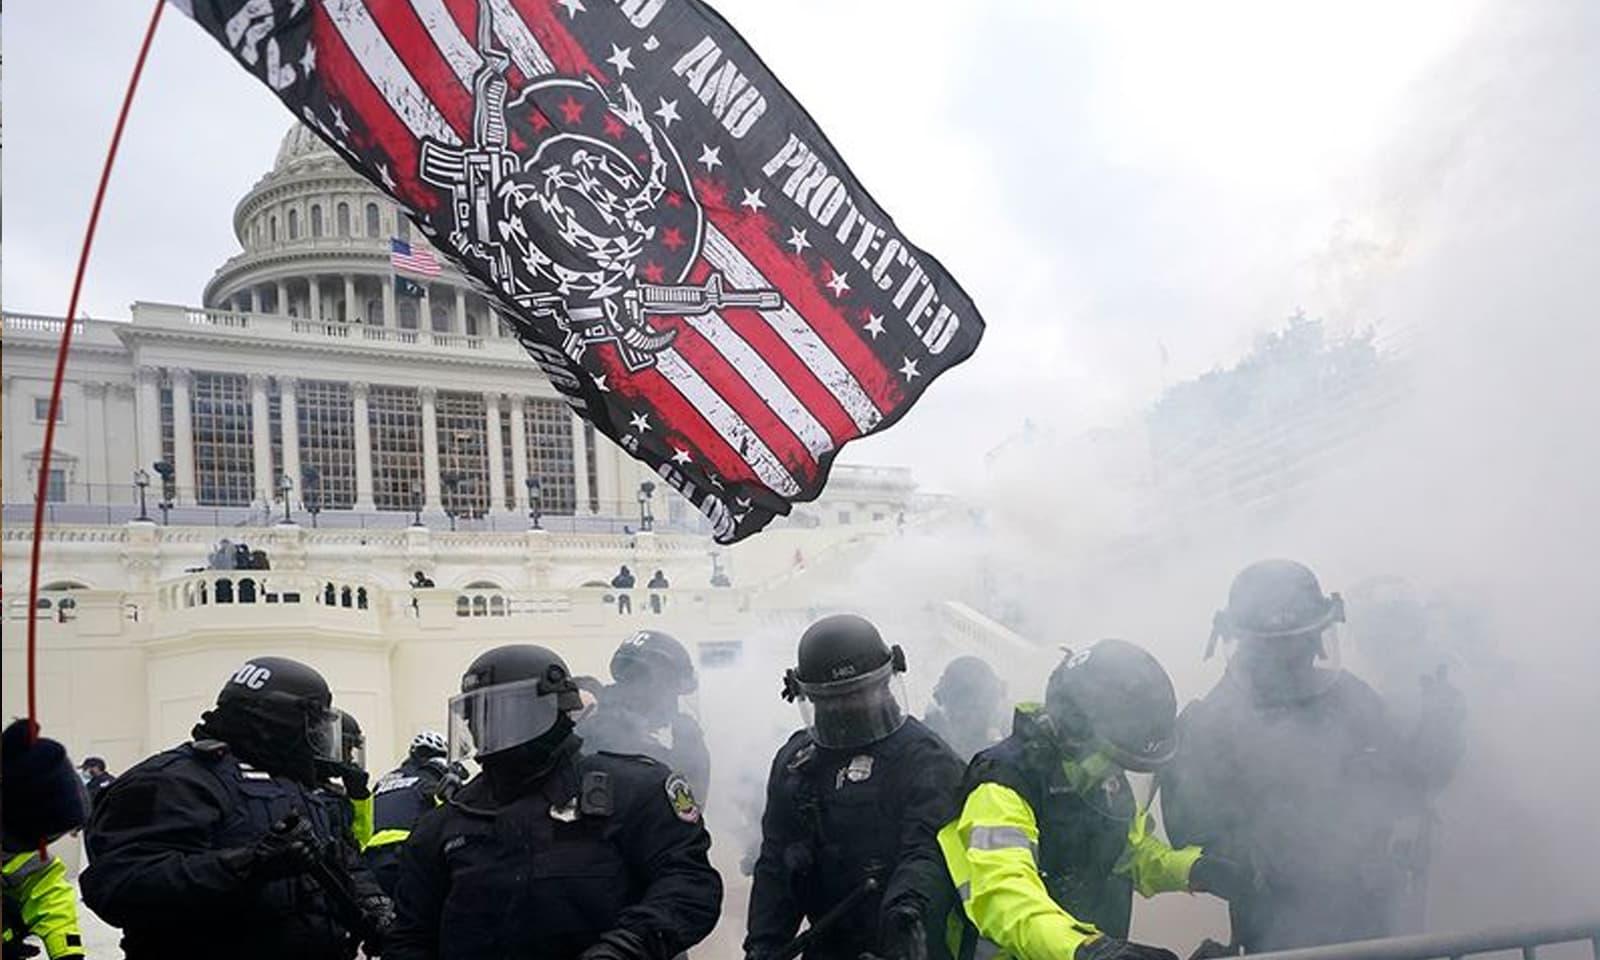 جو بائیڈن کی فتح کی توثیق کو روکنے کے لیے ٹرمپ کے حامیوں نے مظاہرہ کیا — فوٹو: رائٹرز